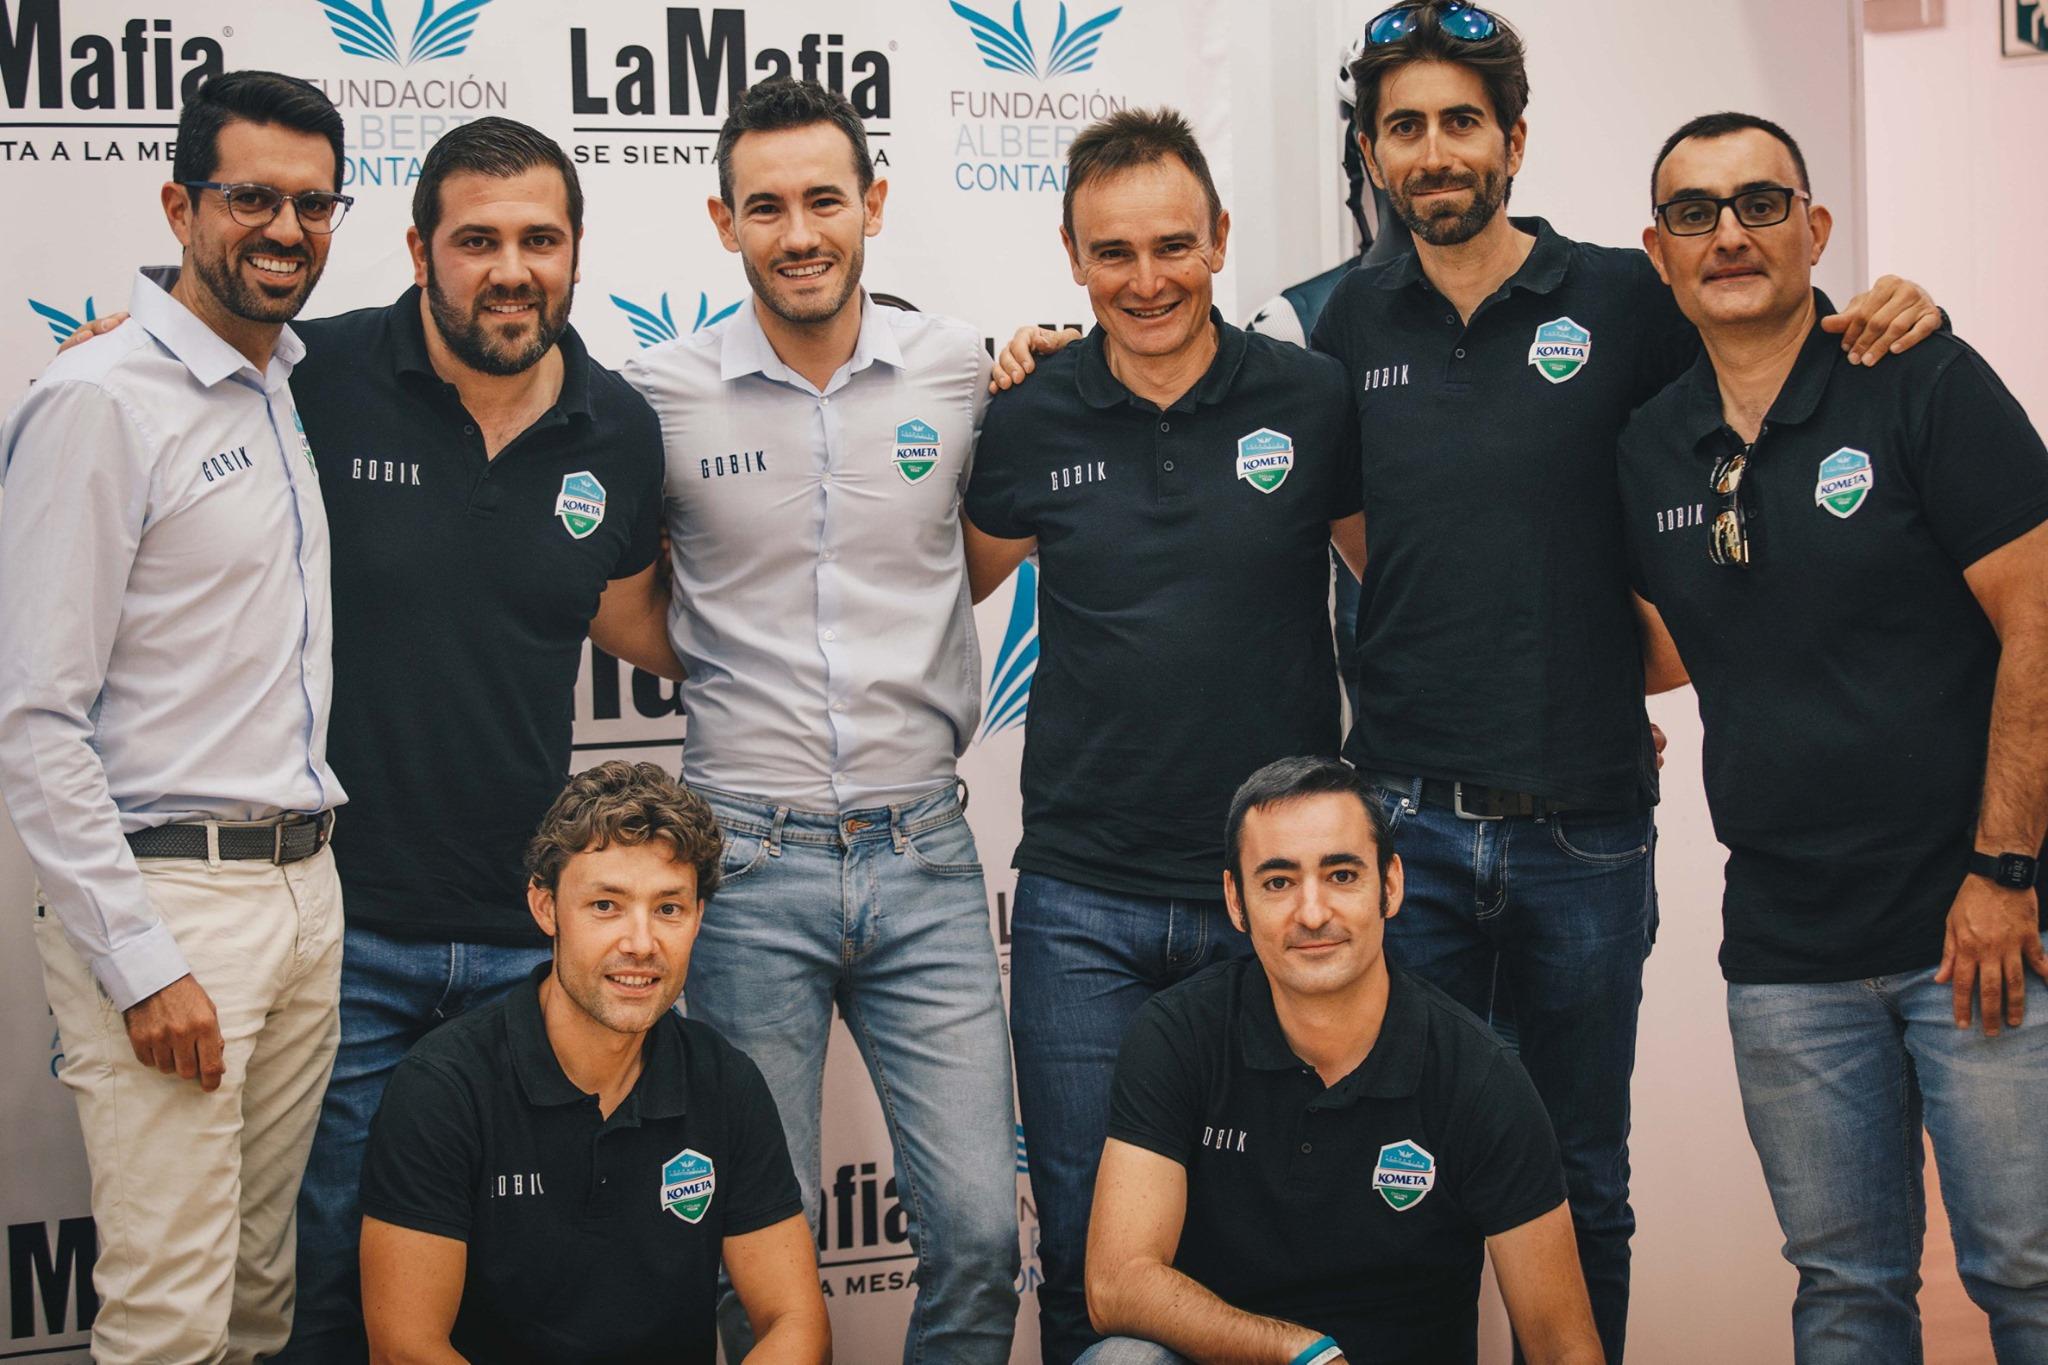 ac - Zaragoza acoge un año más el 'Campus Selección Fundación Alberto Contador'